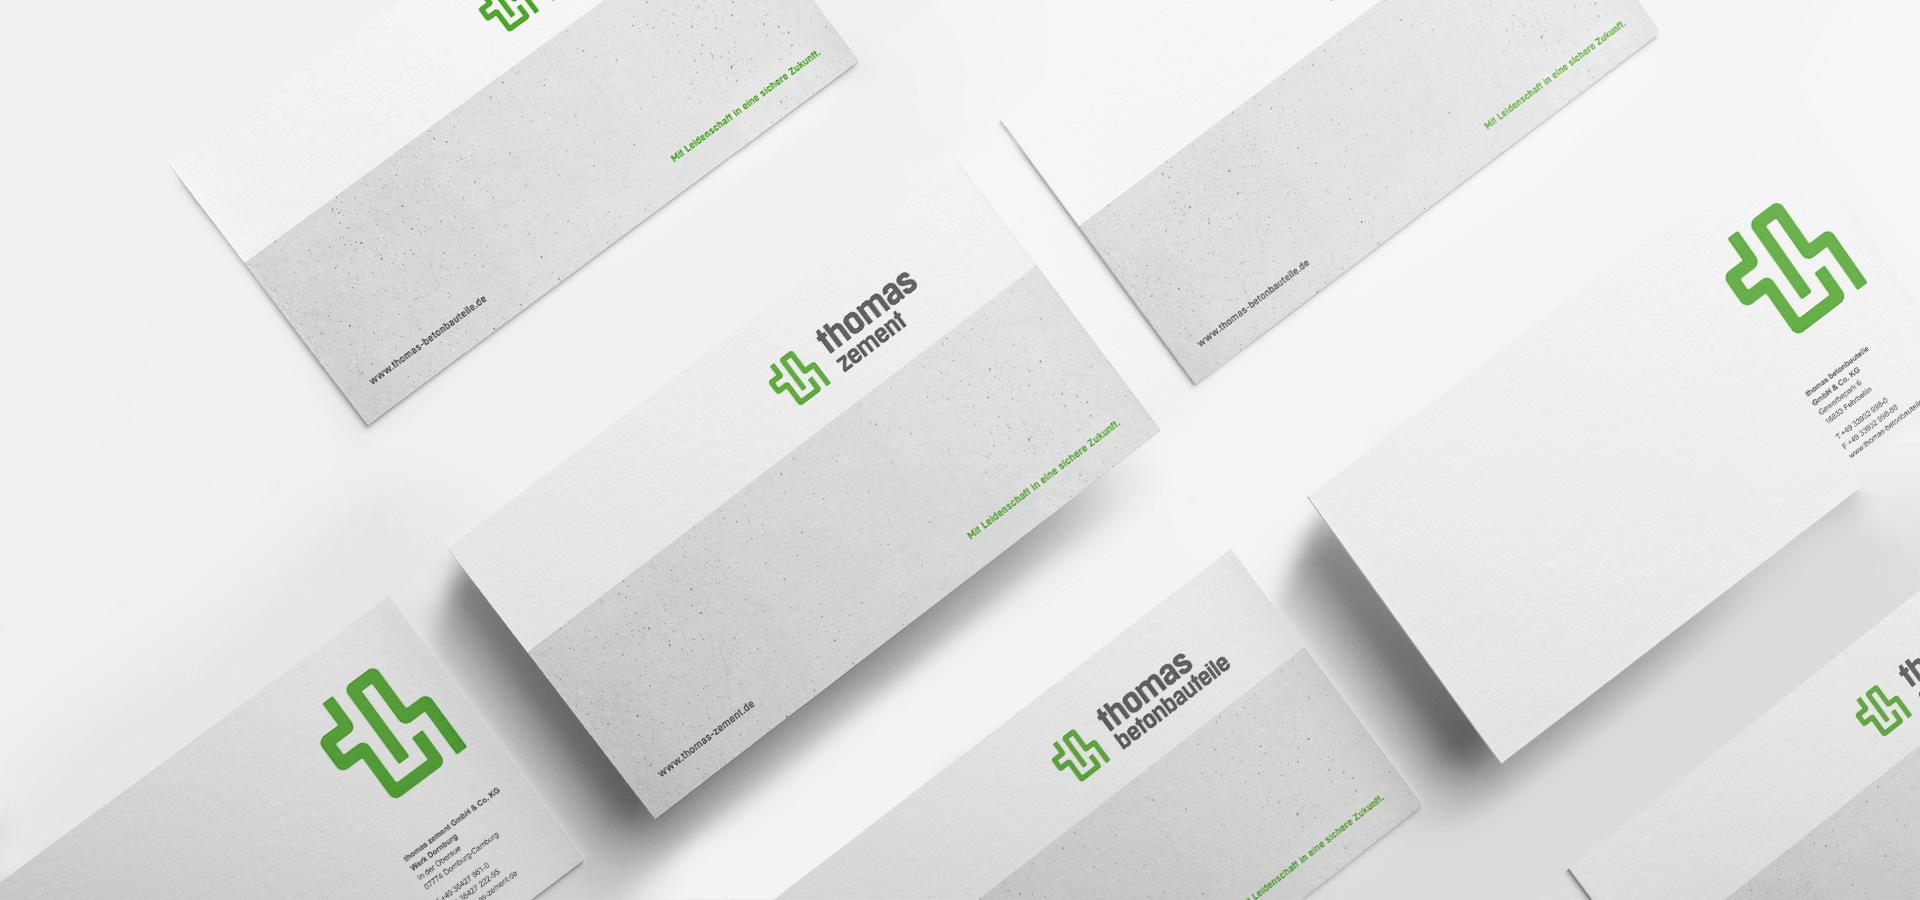 OPUS Marketing / thomas Gruppe / Geschäftsausstattung